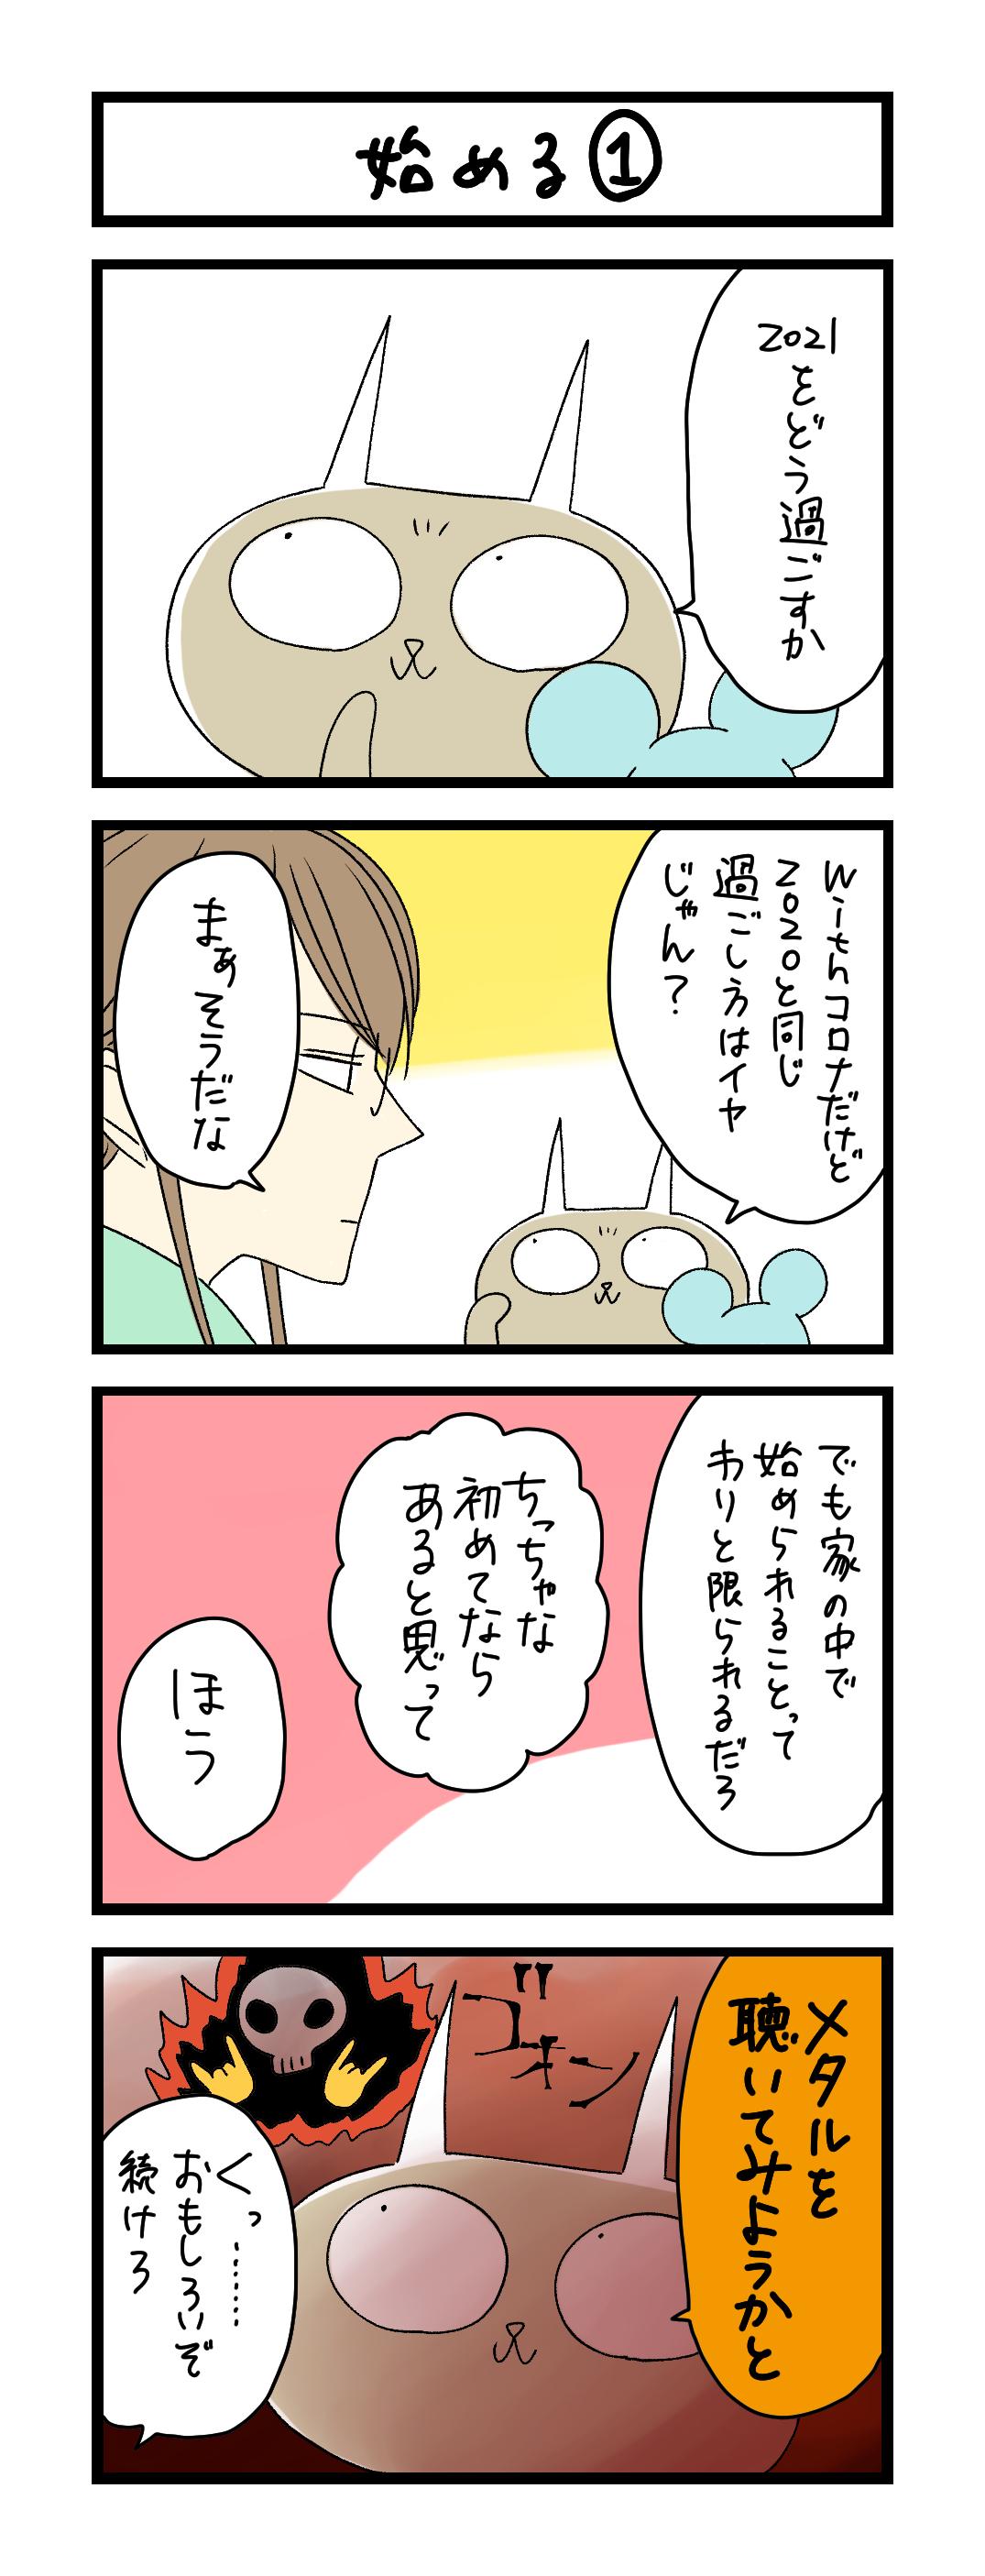 始める (1)